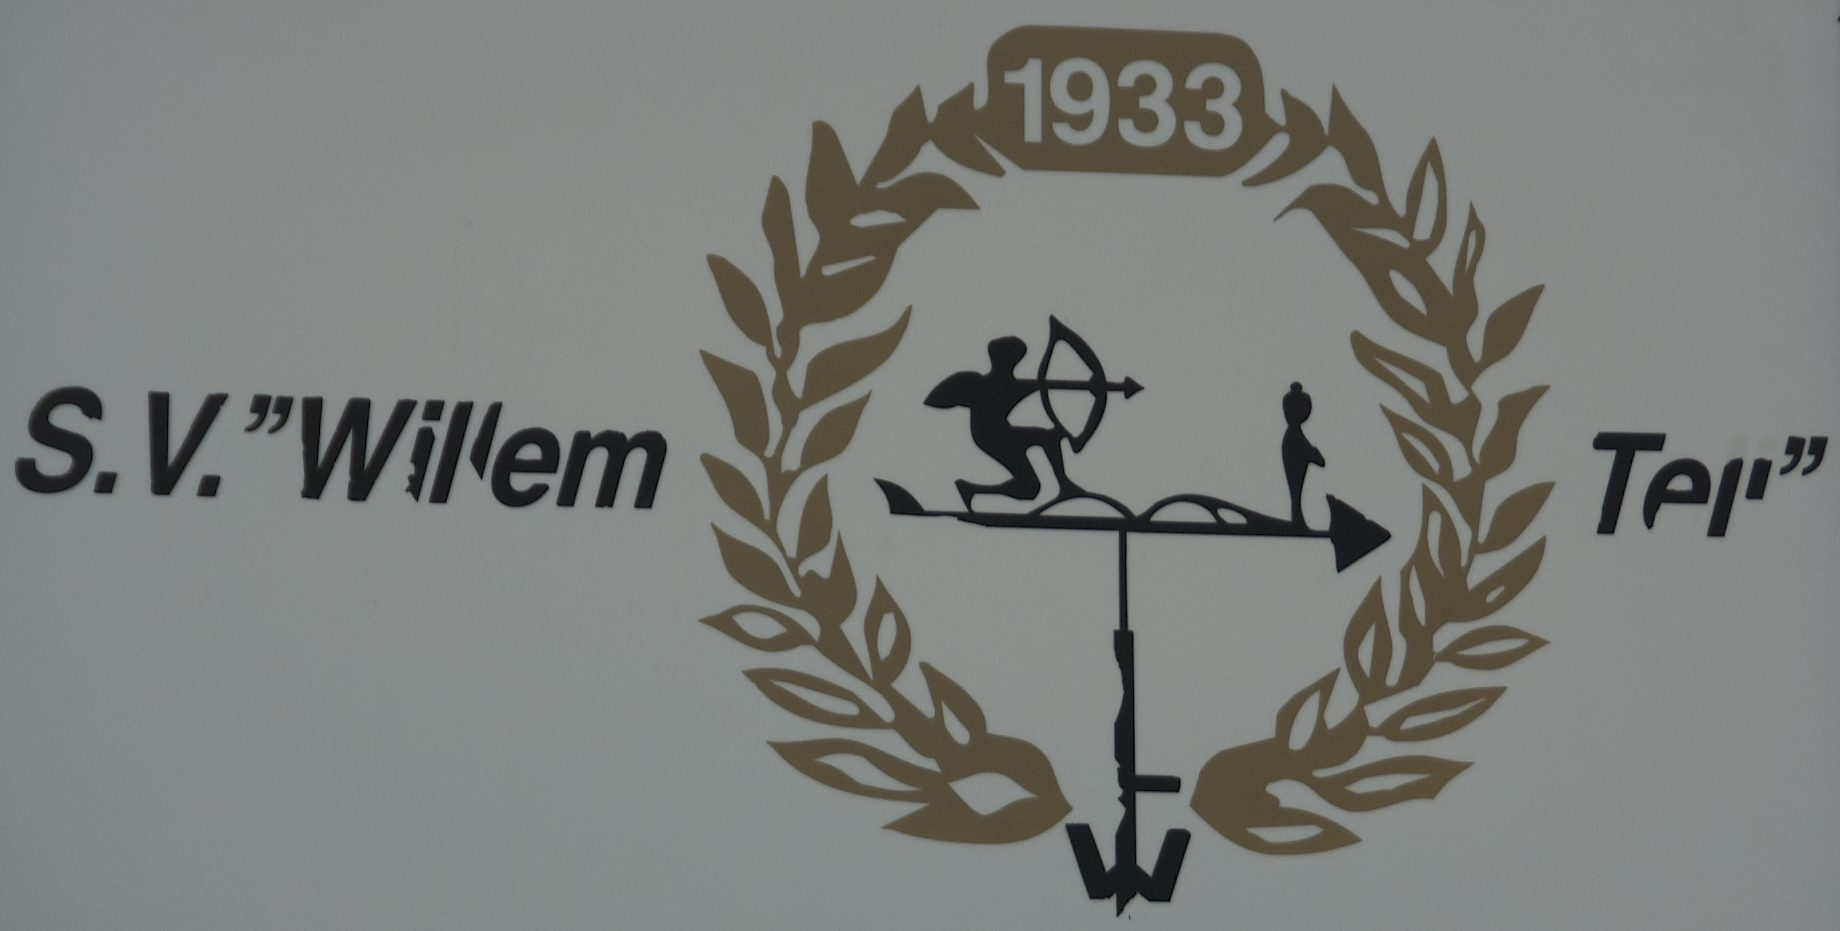 Schietsportvereniging Willem Tell